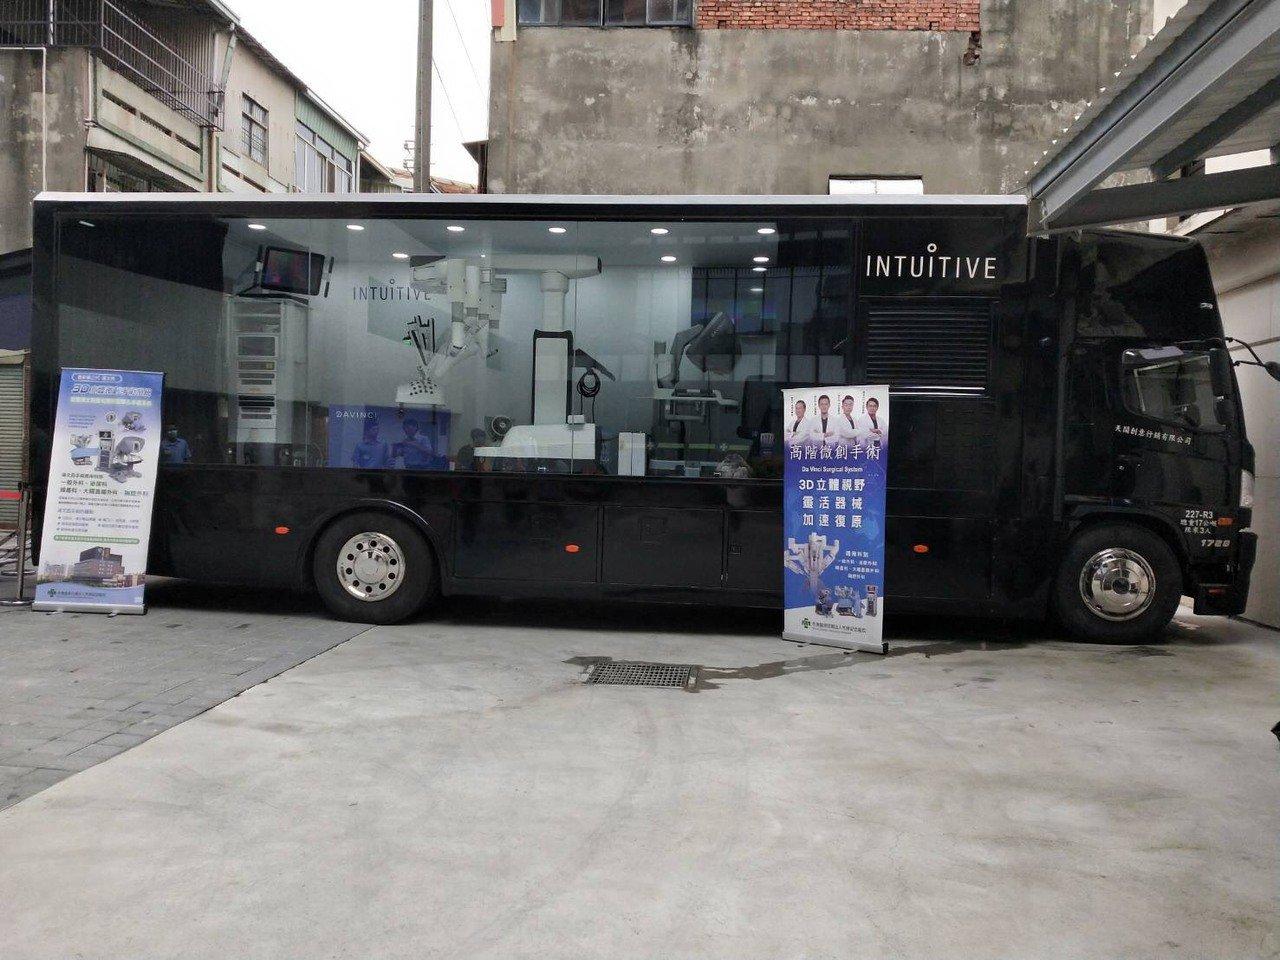 秀傳醫院舉辦「達文西機械臂行動體驗車」展示活動,造價上億元的機械臂手術系統呈現在...